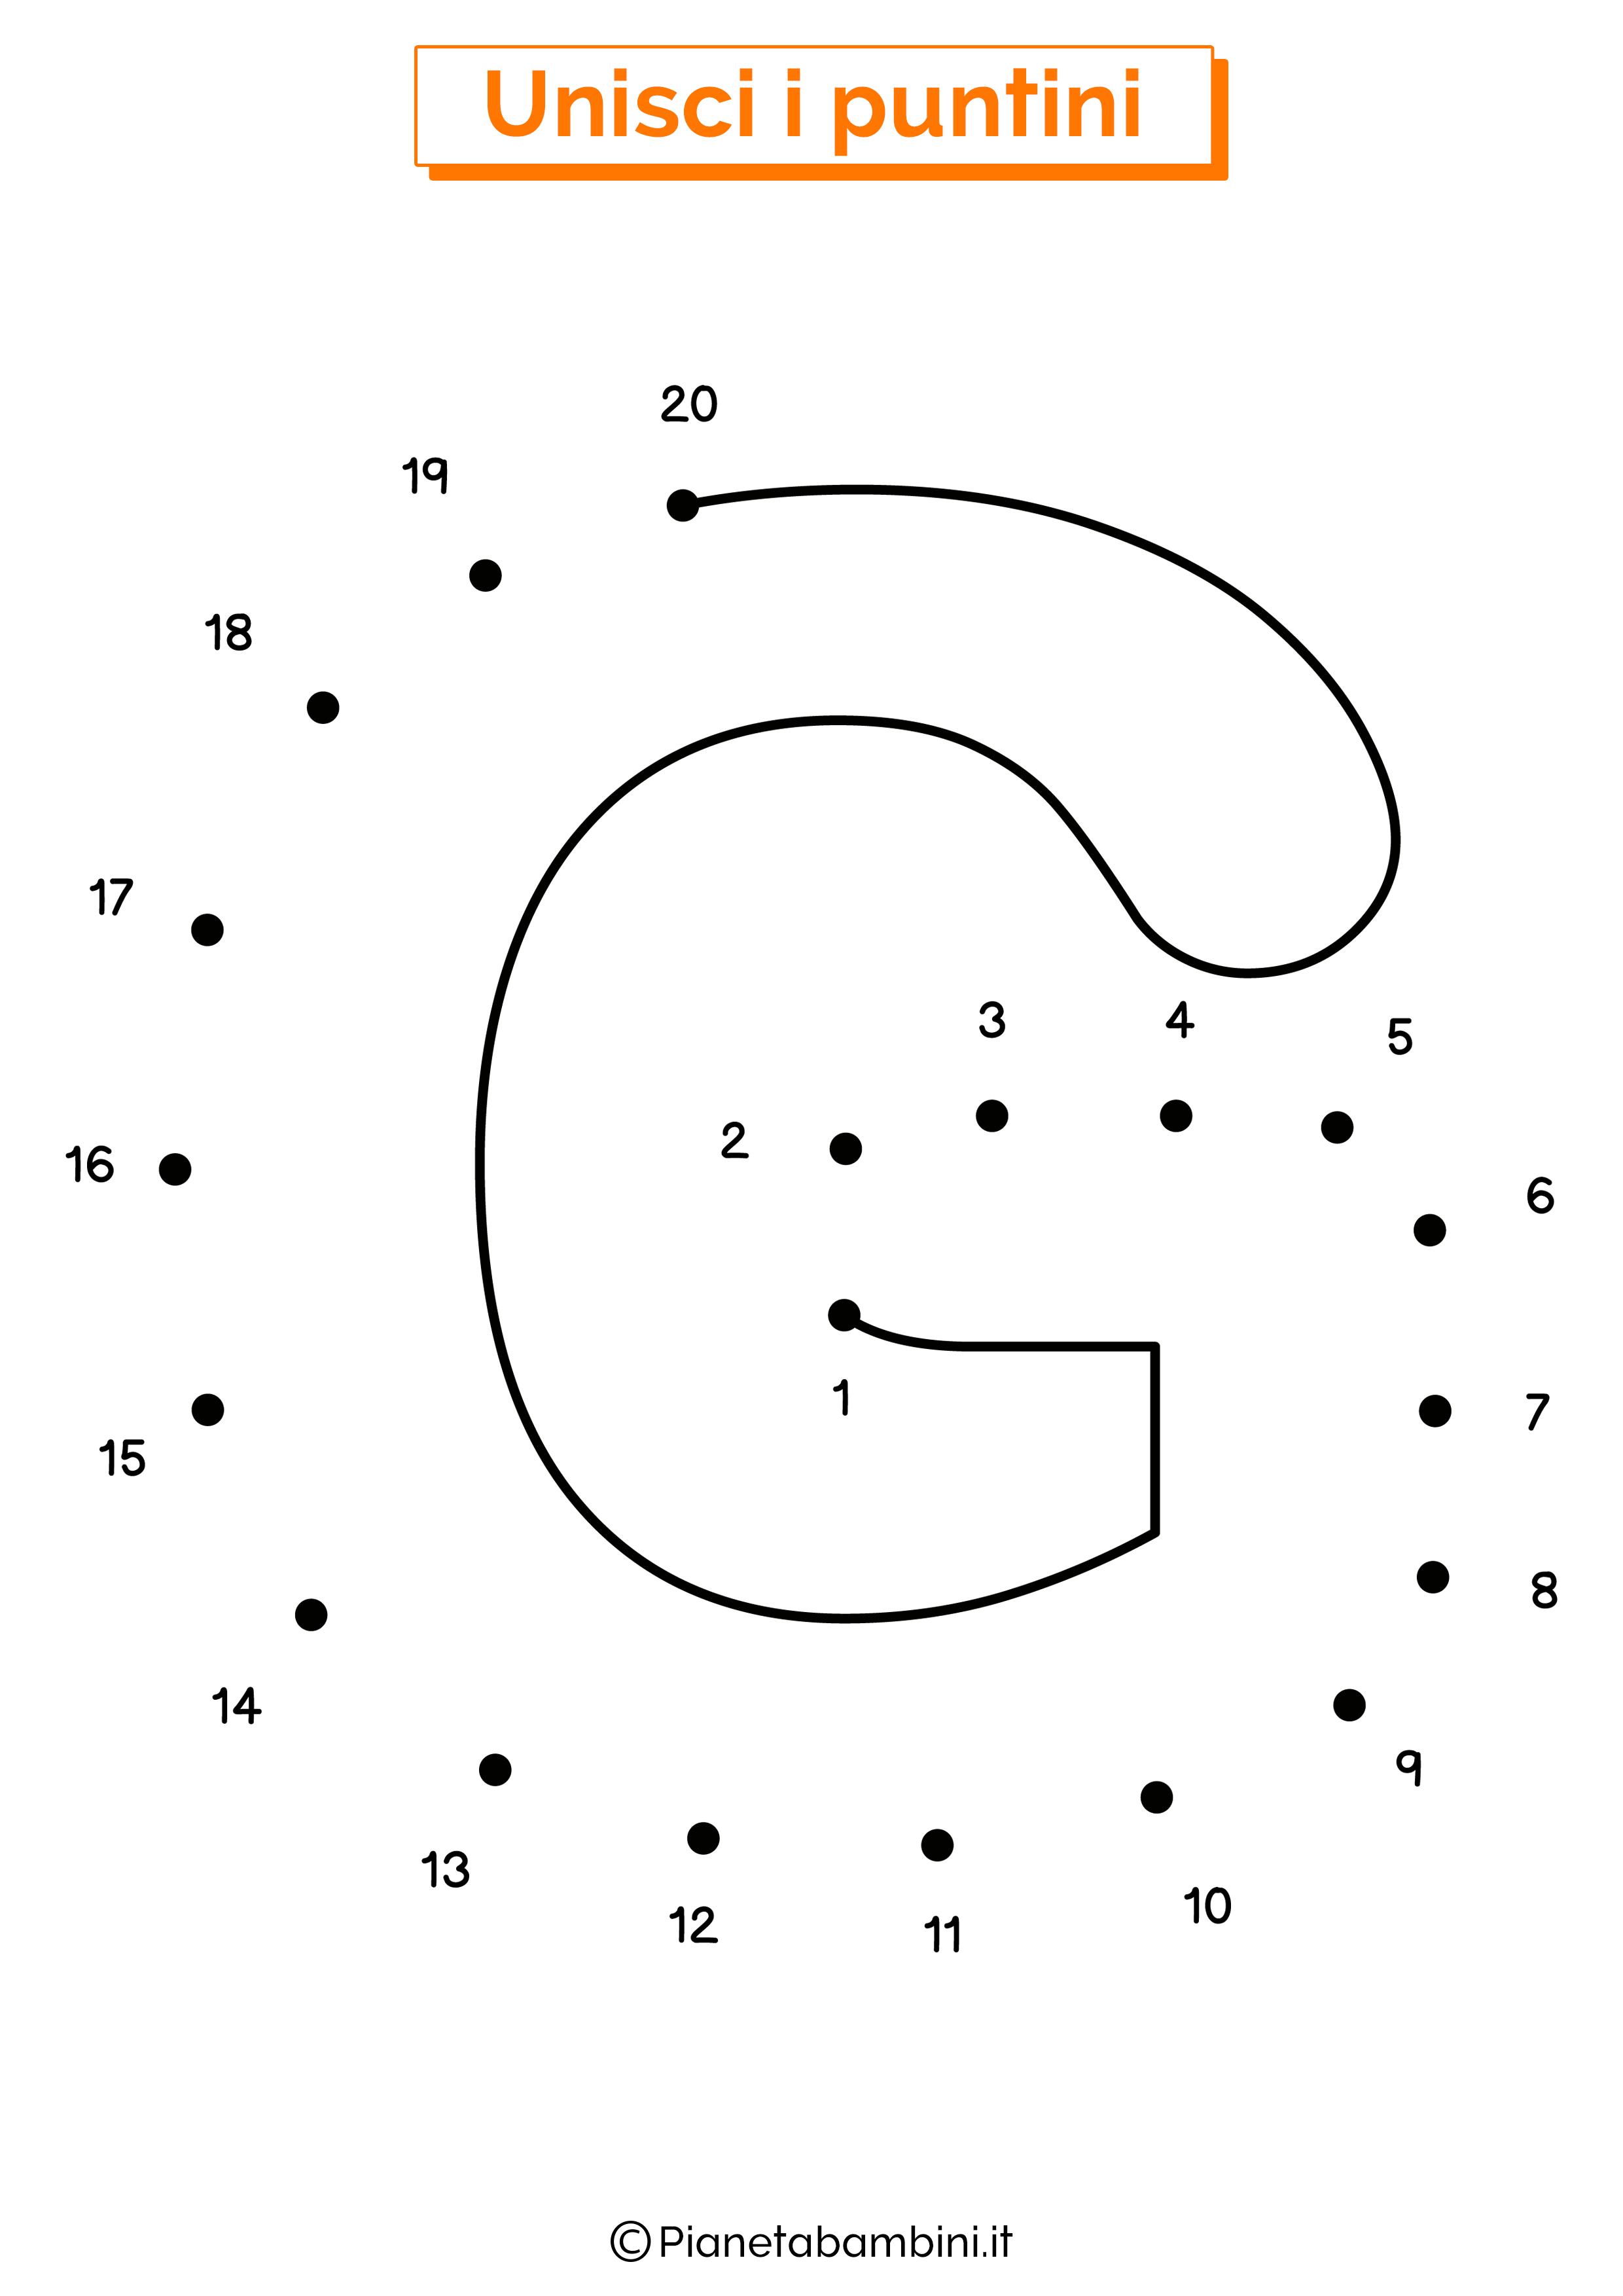 Unisci i puntini con la lettera G